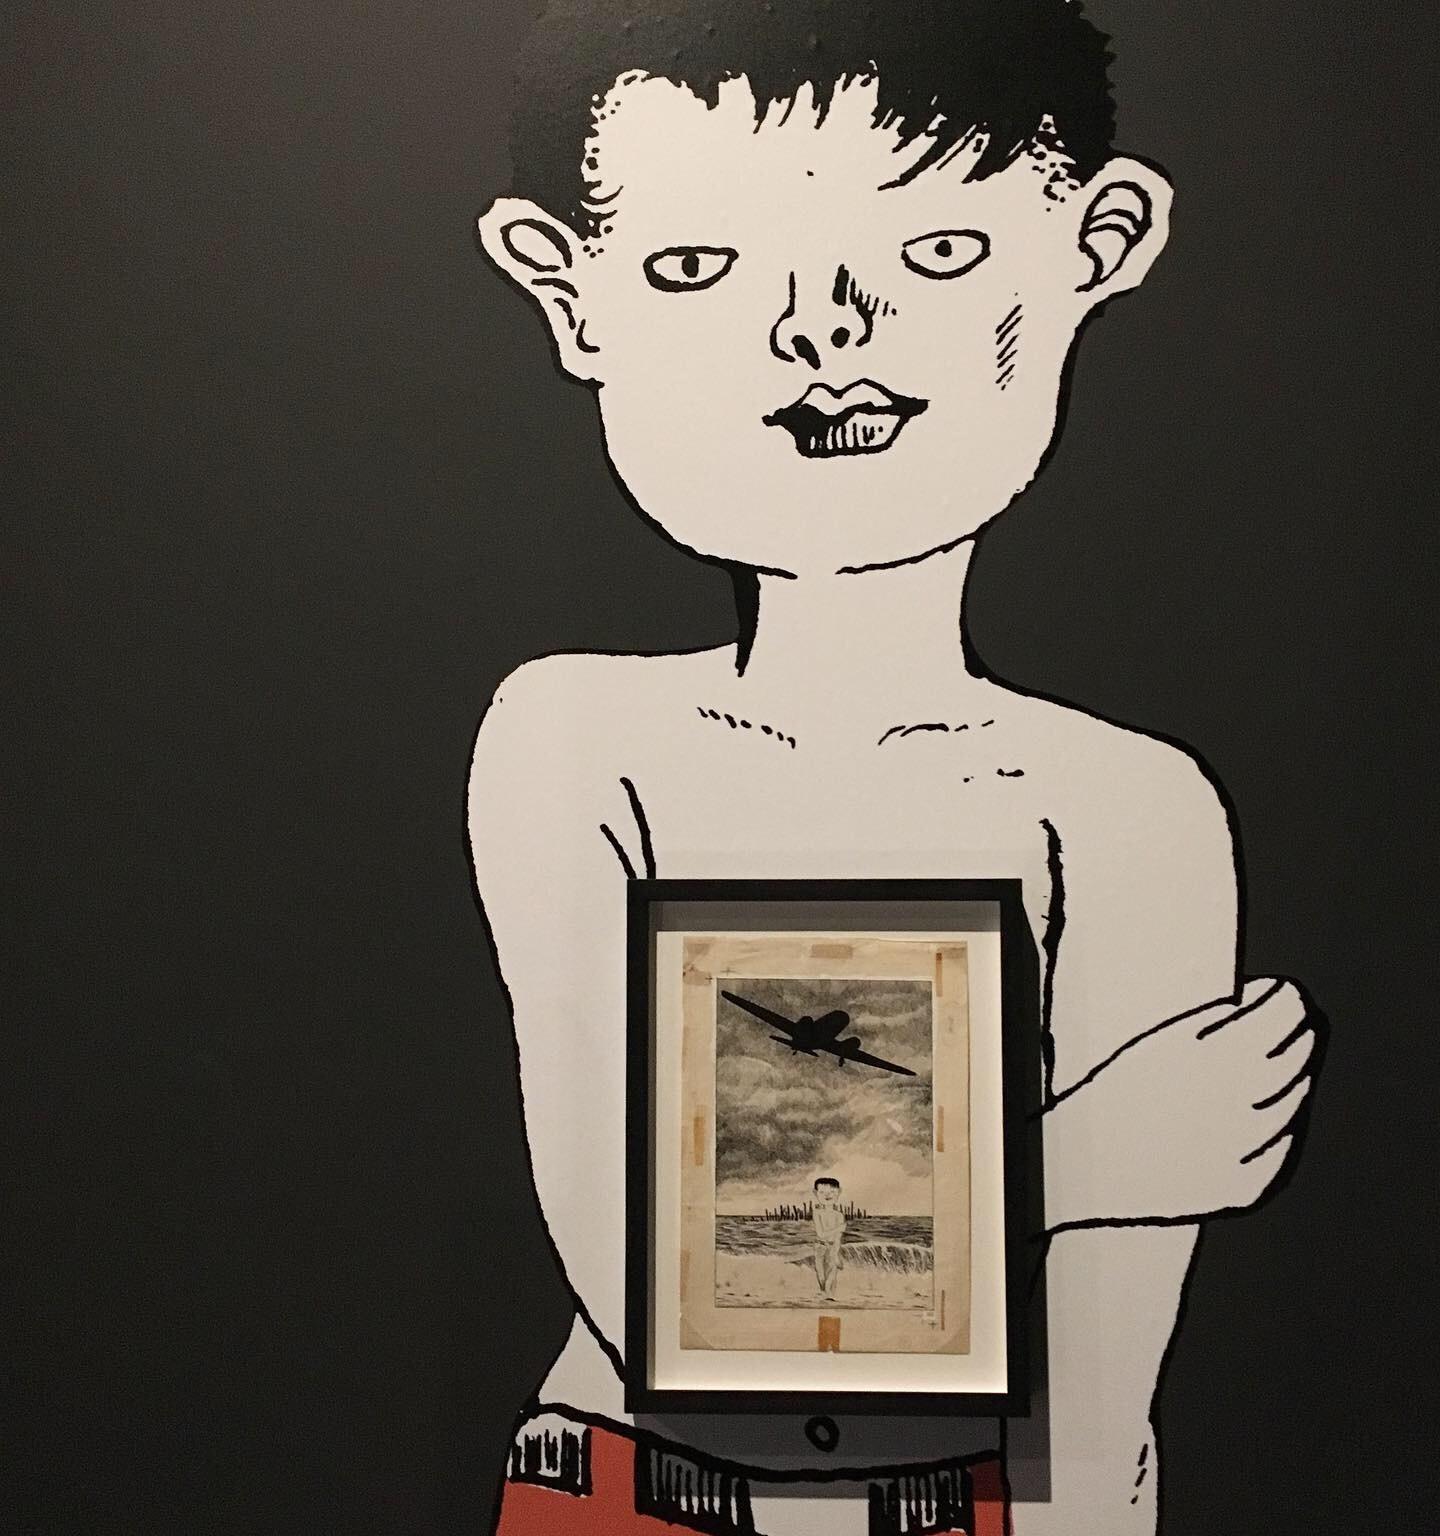 大英博物館の「マンガ展」へ。_1_1-9